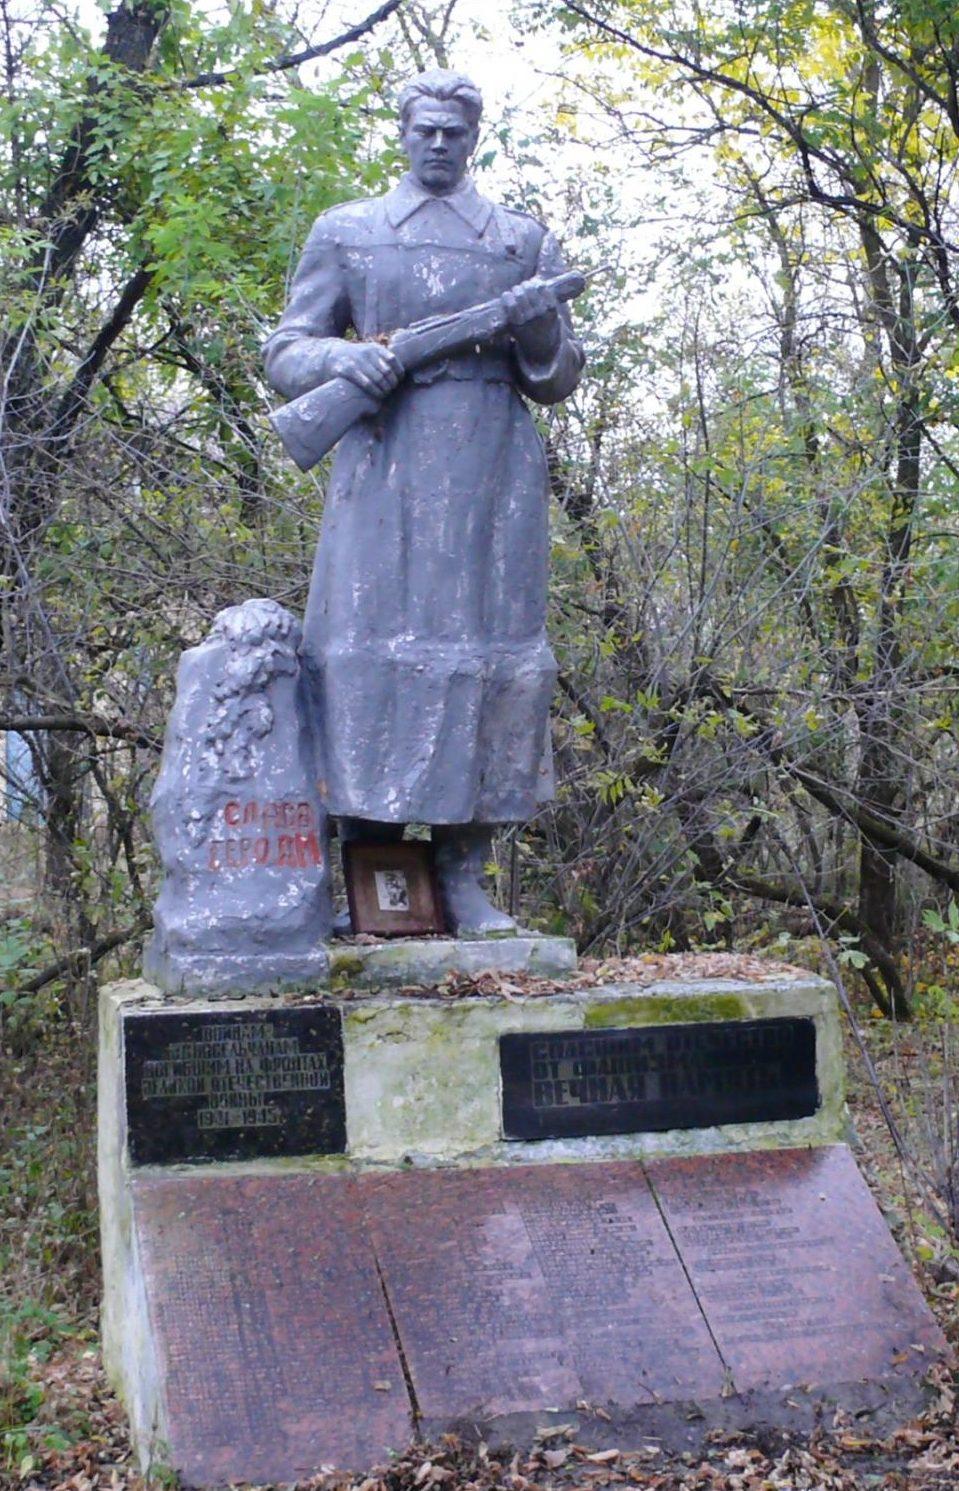 с. Чапаевка Чернобыльская зона отчуждения. Памятник воинам, погибшим в годы войны.